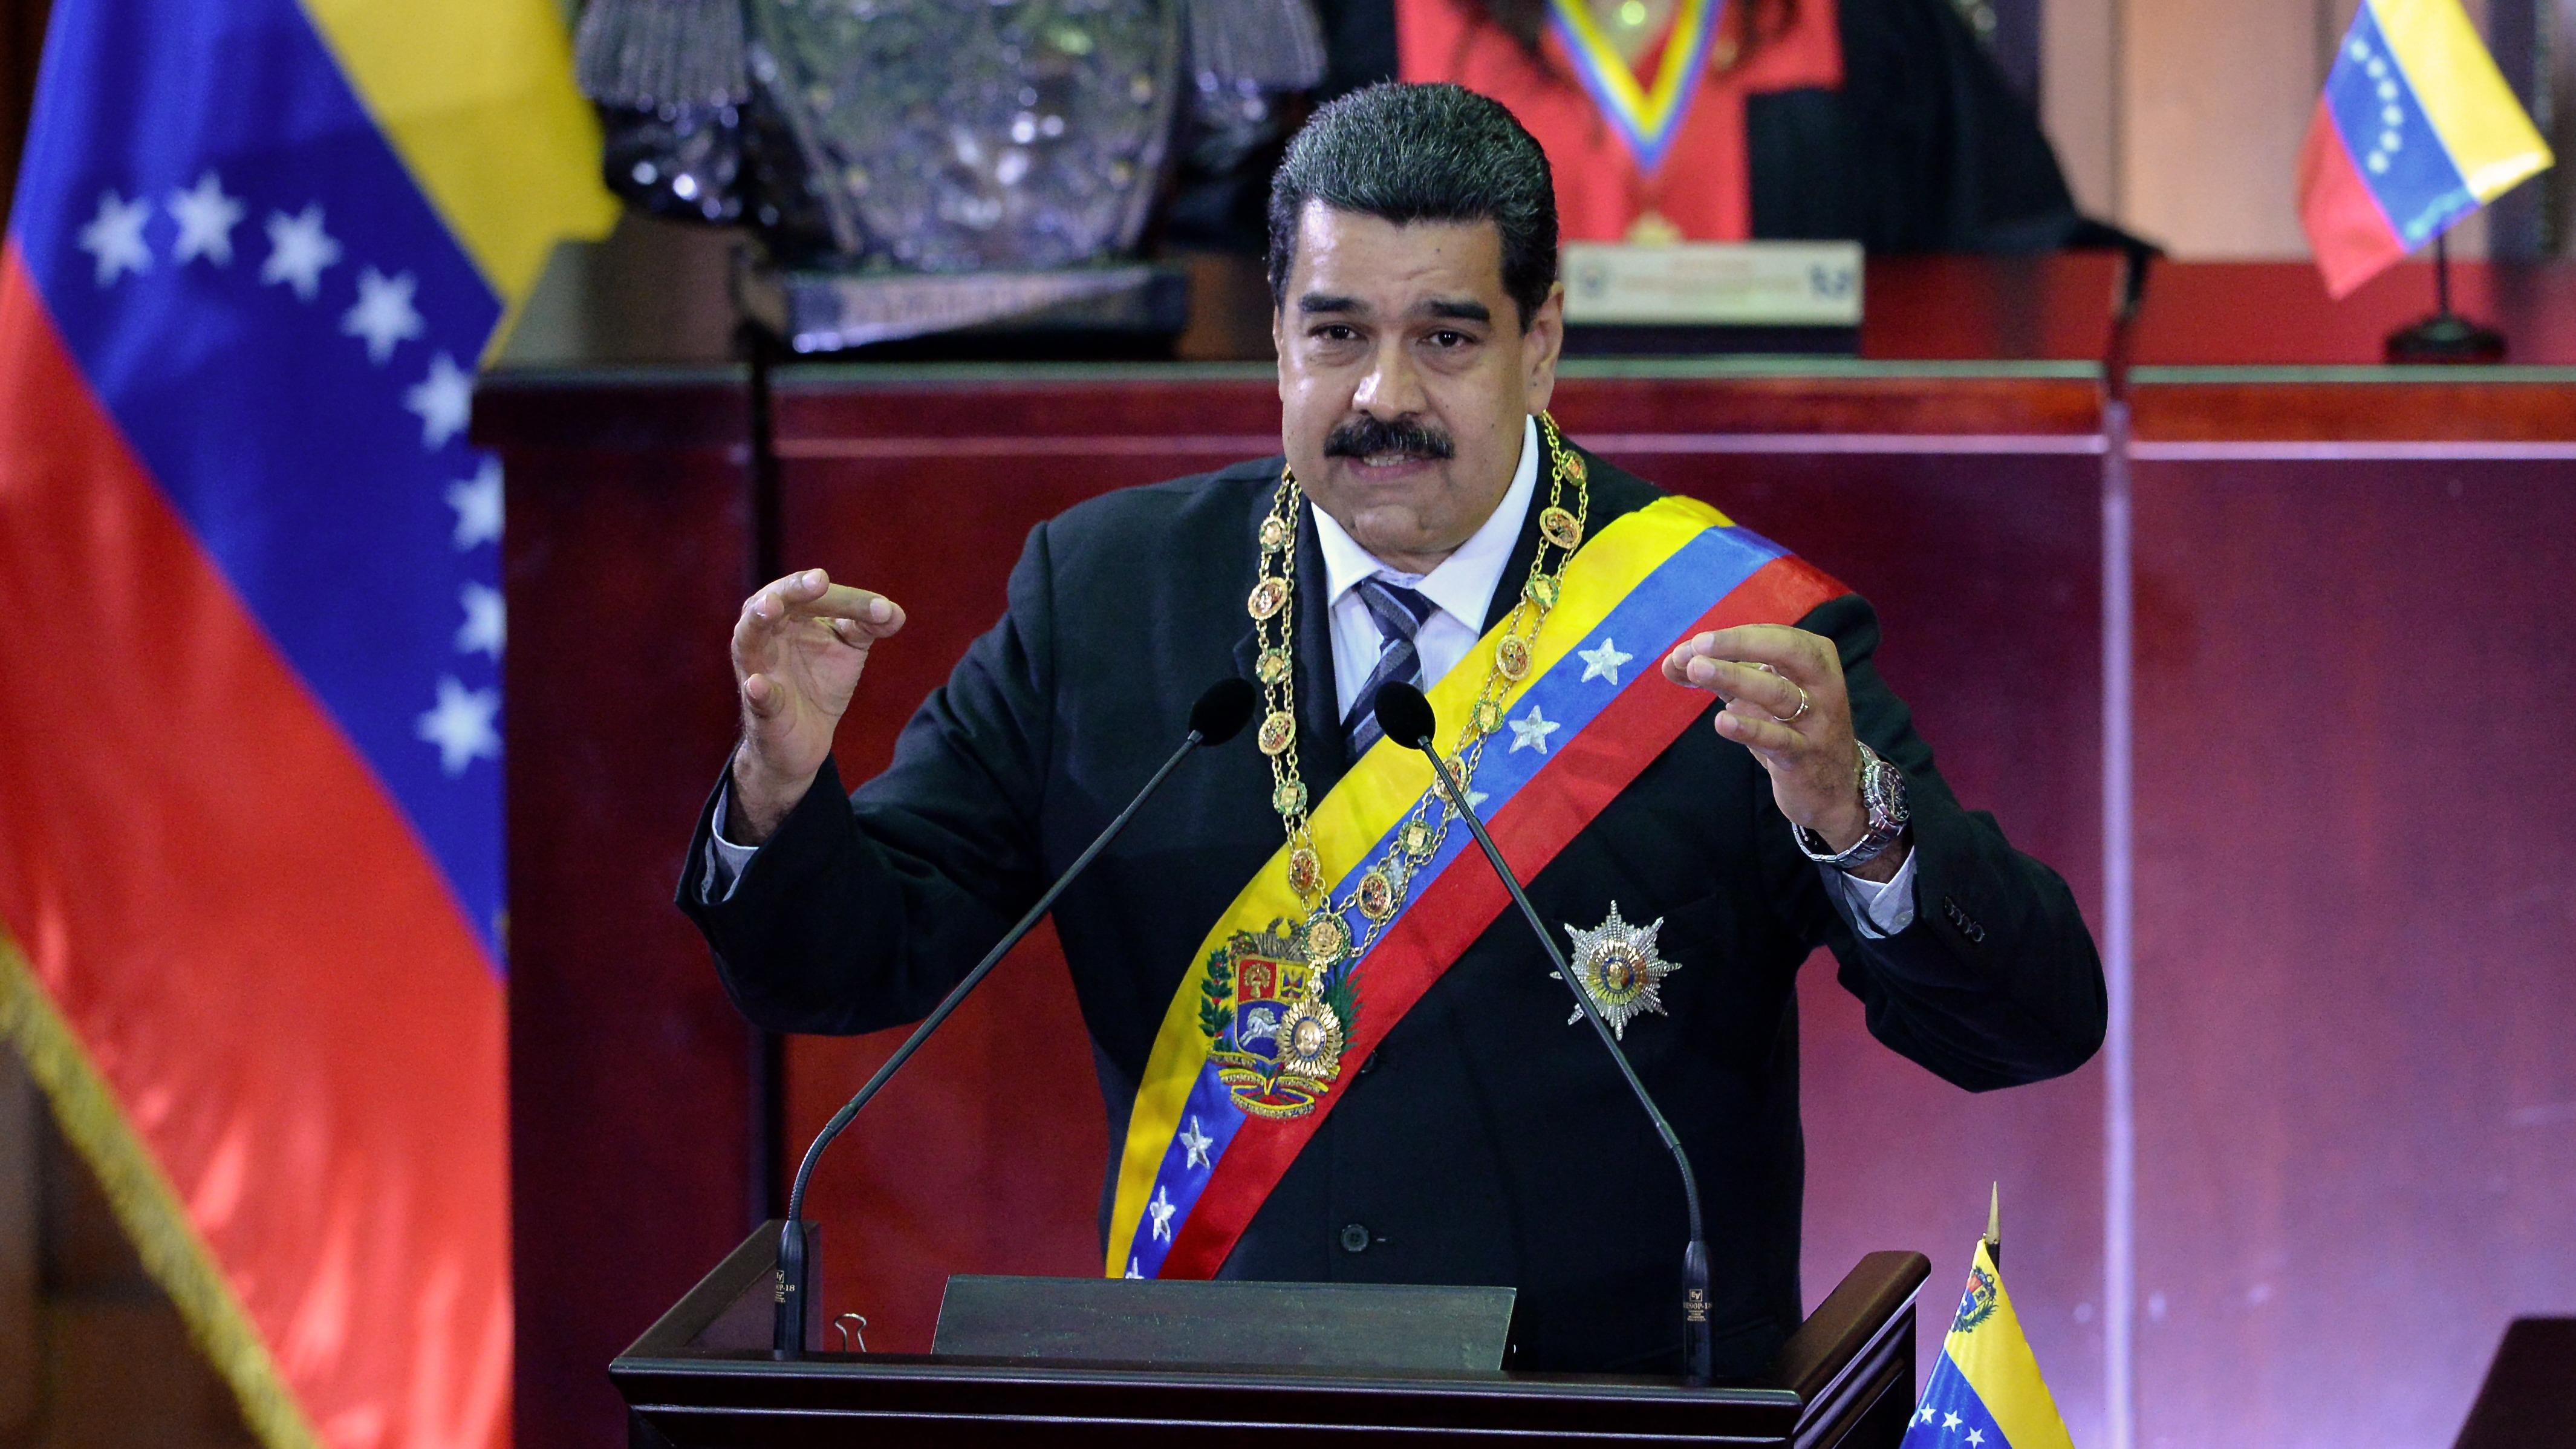 El presidente de Venezuela, Nicolás Maduro, habló este miércoles en una ceremonia en el Tribunal Supremo de Justicia (TSJ).